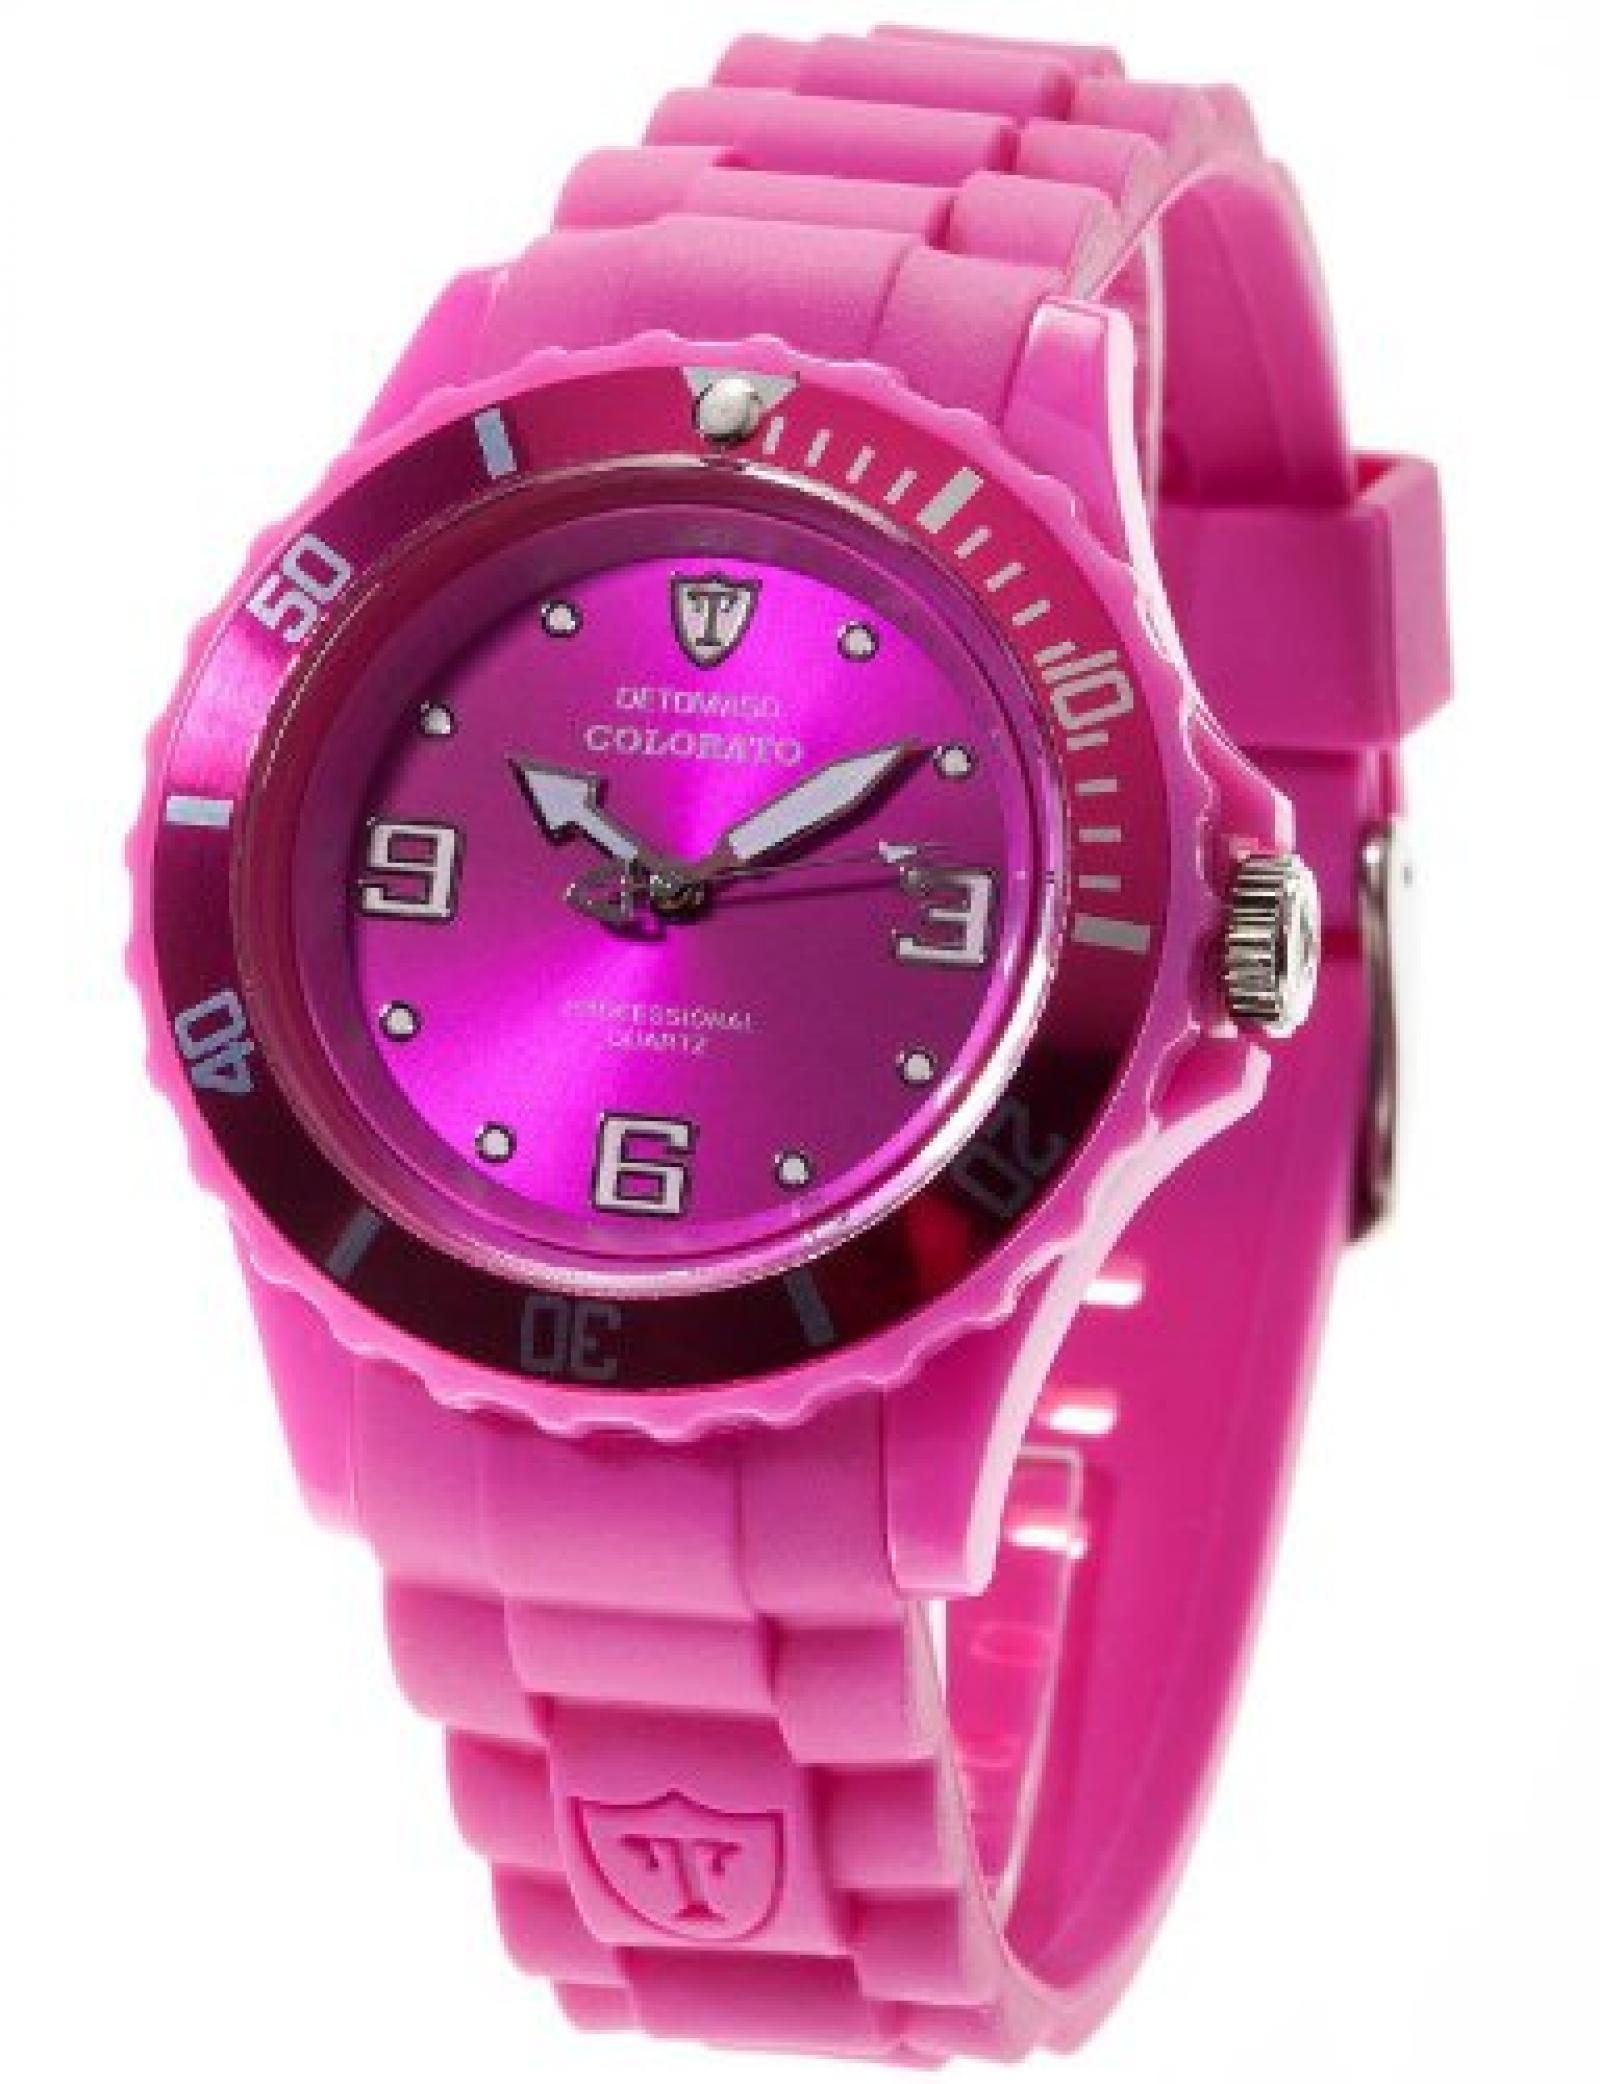 DeTomaso  Damen-Armbanduhr COLORATO Purple Analog Quarz Silikon DT3007-J